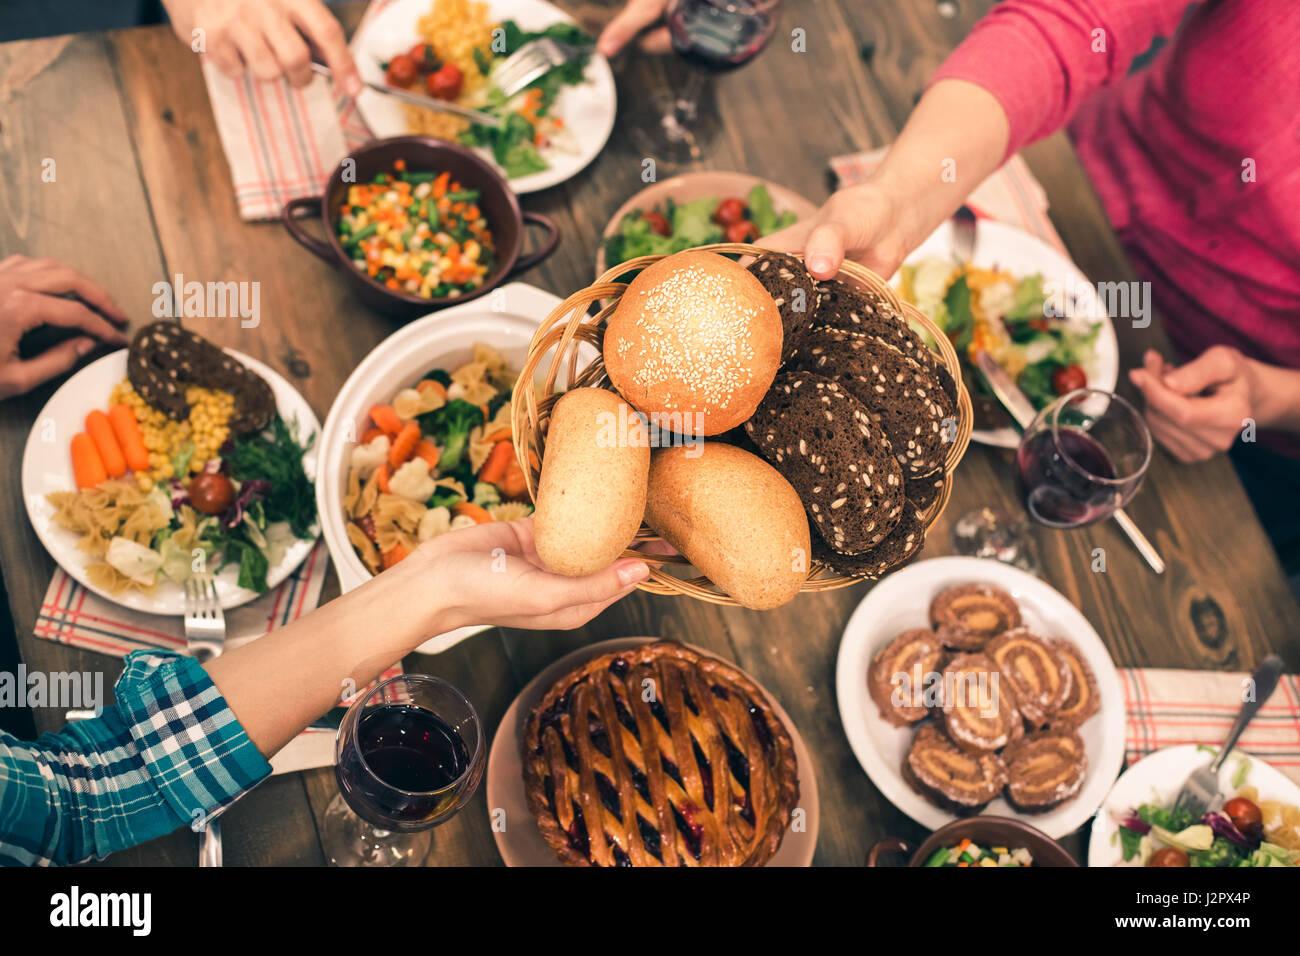 Nice family having tasty dinner - Stock Image